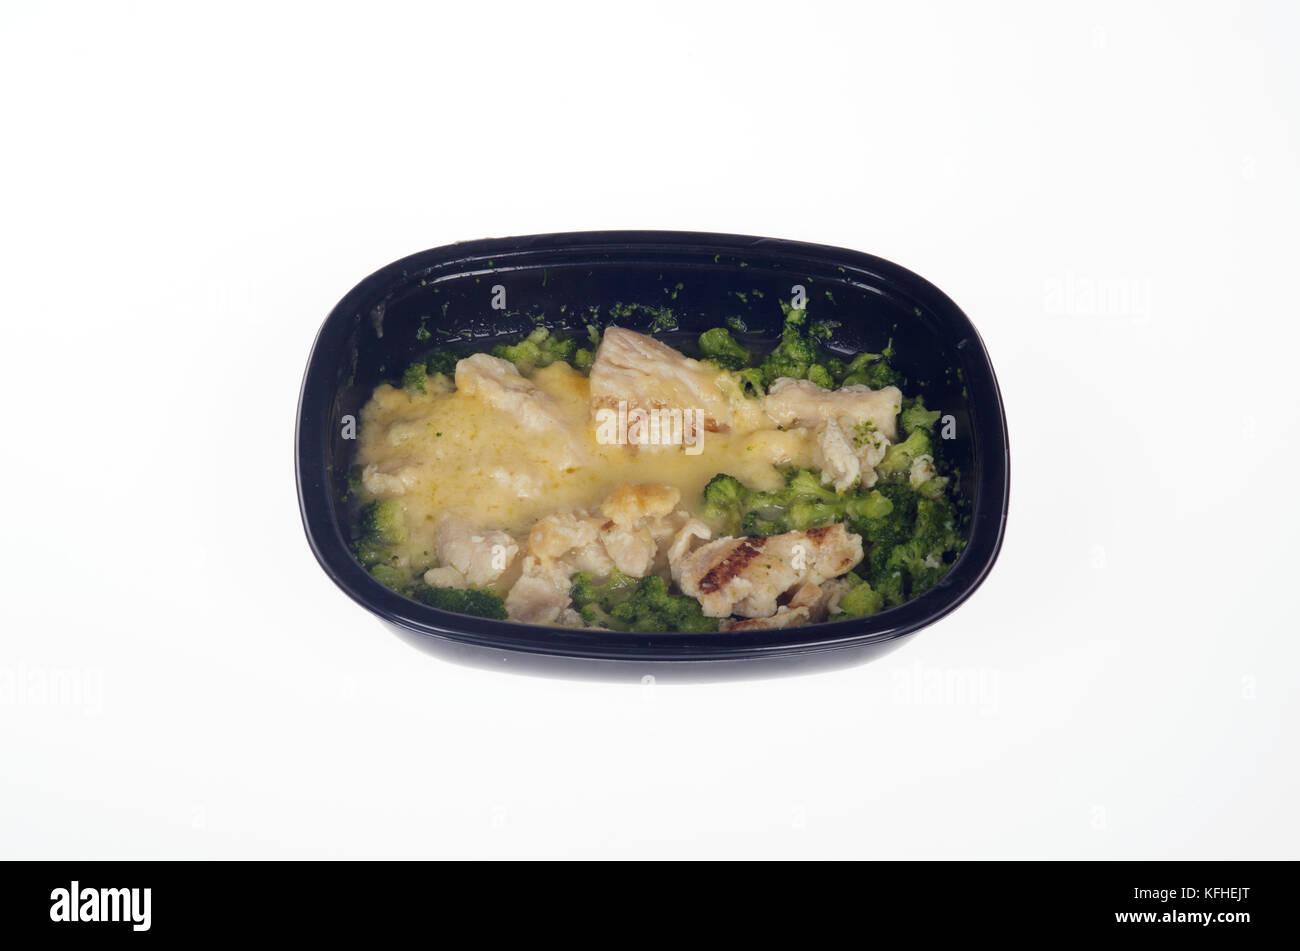 Microwaved Atkins Diet chicken tv dinner Stock Photo